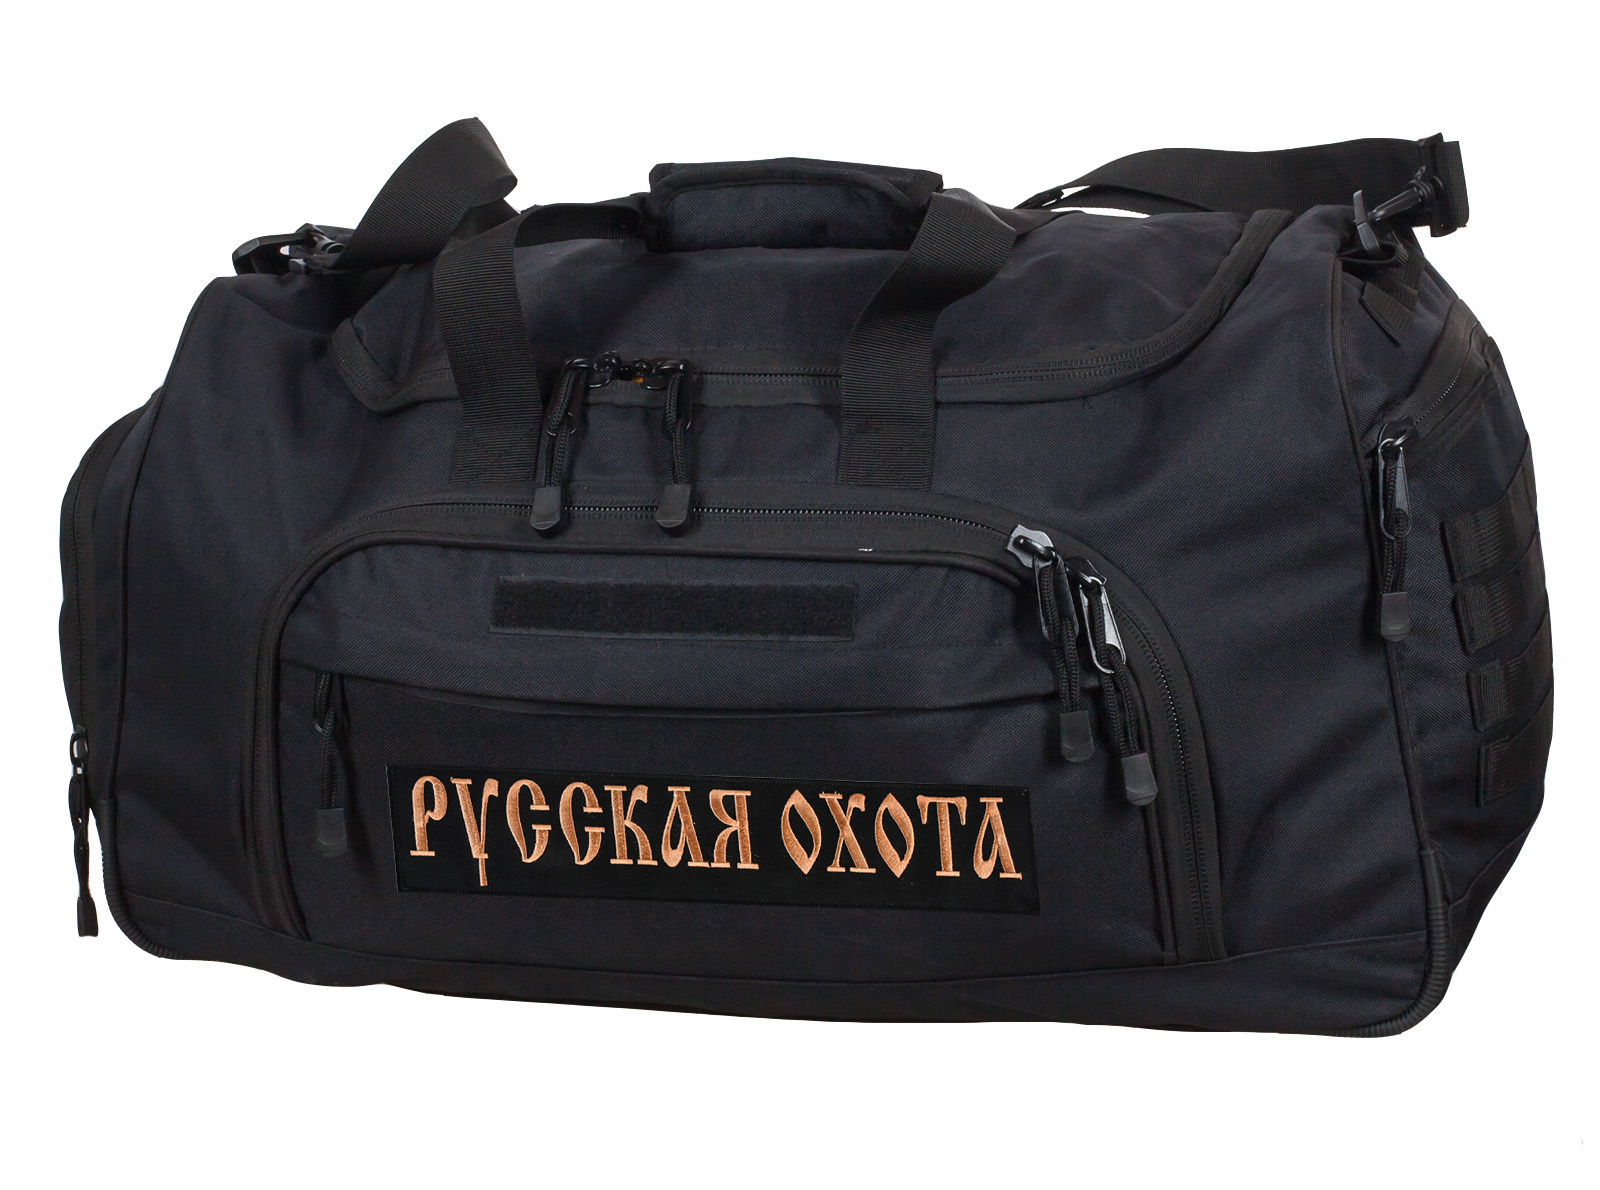 Большая военная сумка 08032B Black с нашивкой Русская Охота - купить выгодно